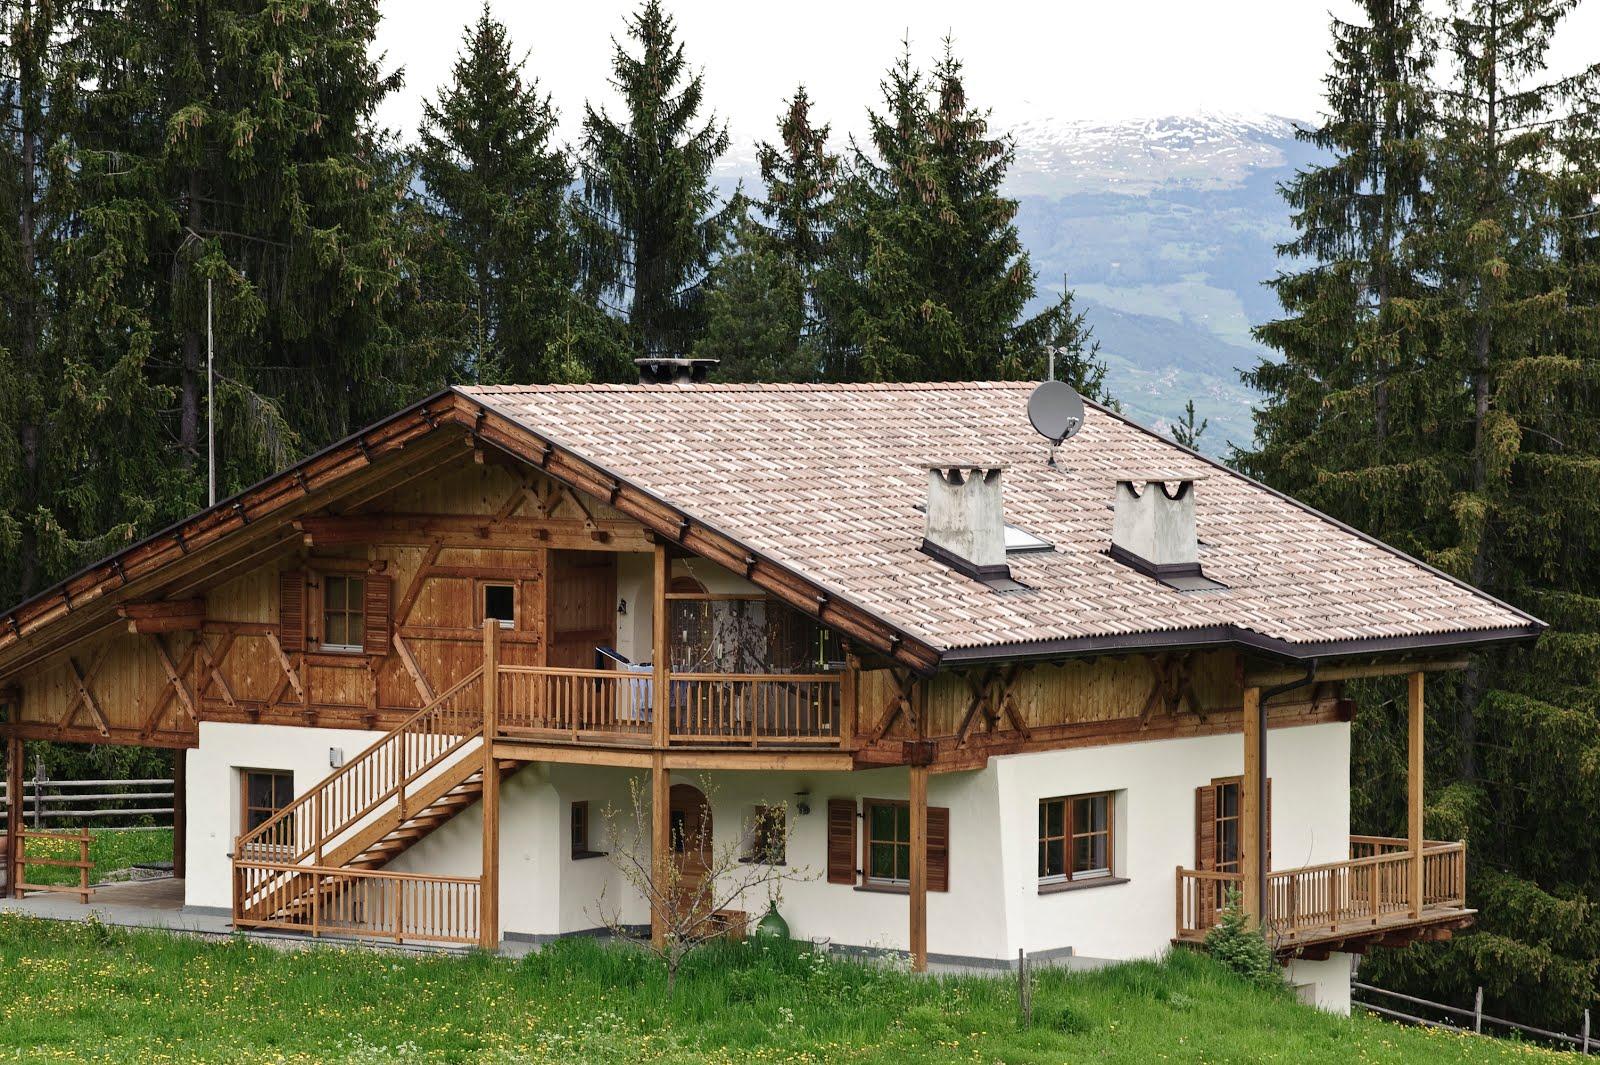 Banco de im genes para ver disfrutar y compartir casa - Ver casas de madera ...